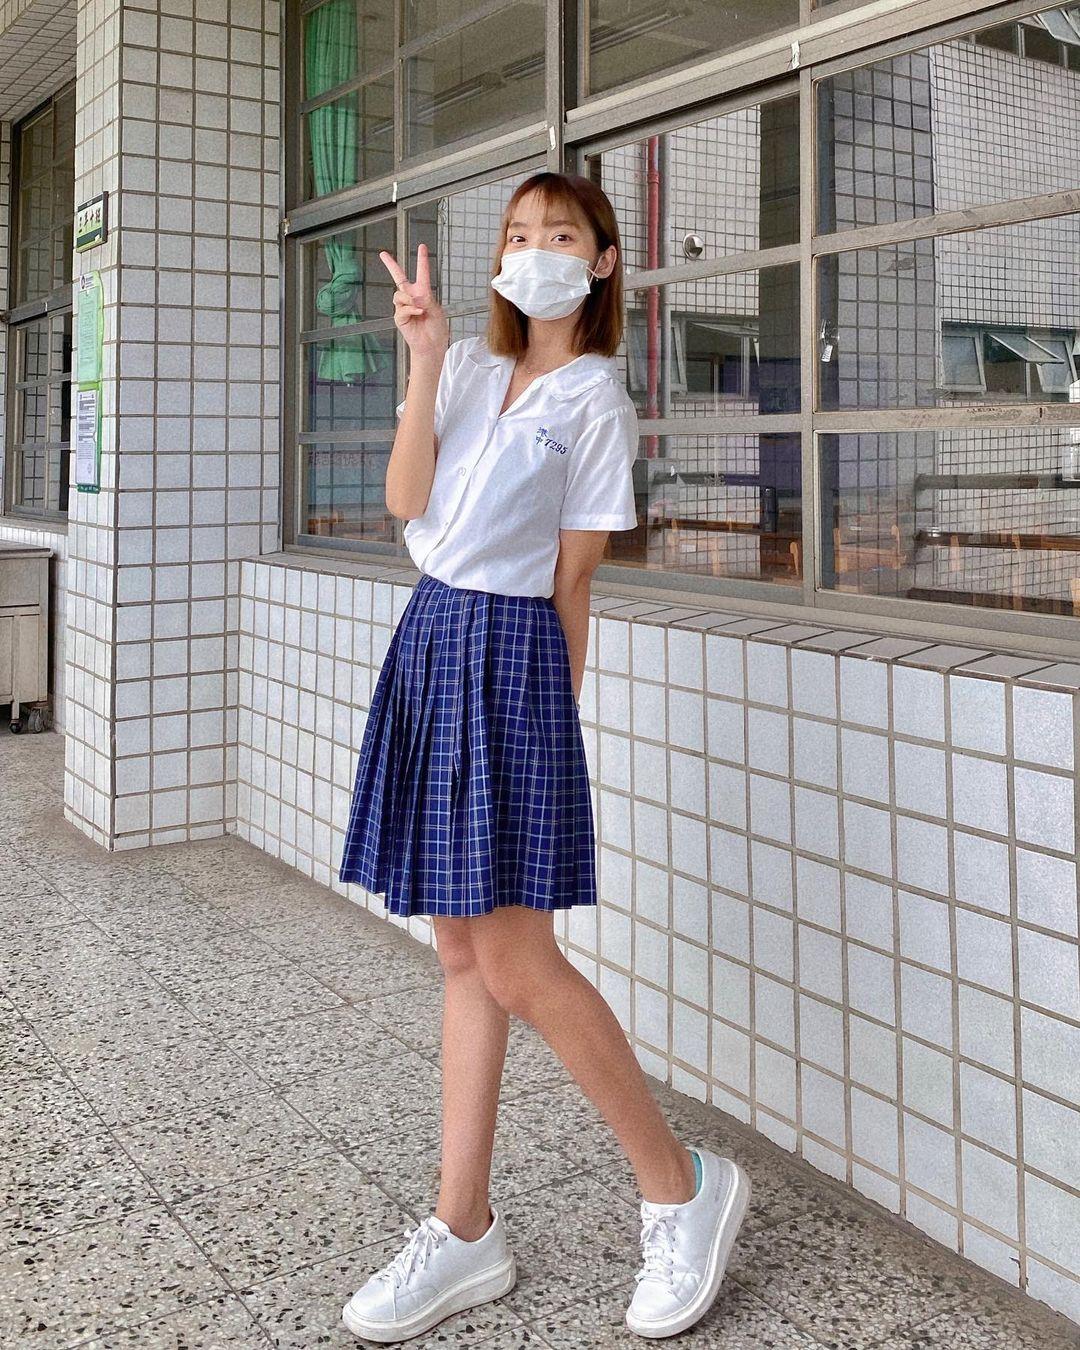 高雄小港高中18岁清纯学生妹,短发俏丽笑容甜美,个人IG好几万人追踪 养眼图片 第6张